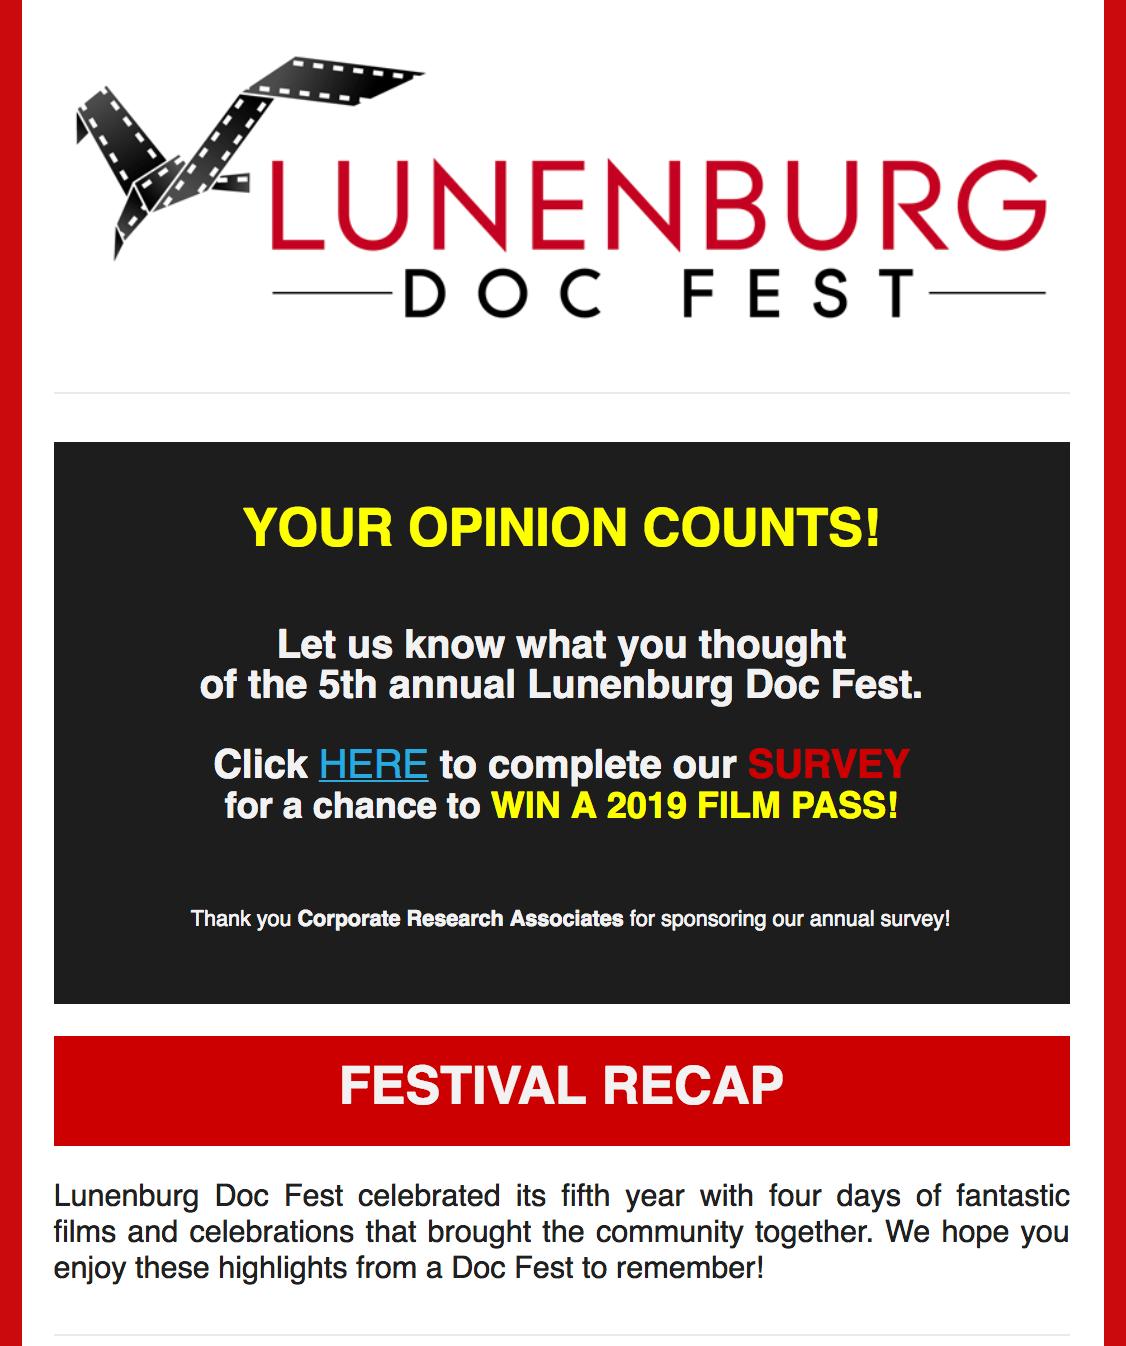 Lunenburg Doc Fest | NEWSLETTER: 2018 Festival Recap